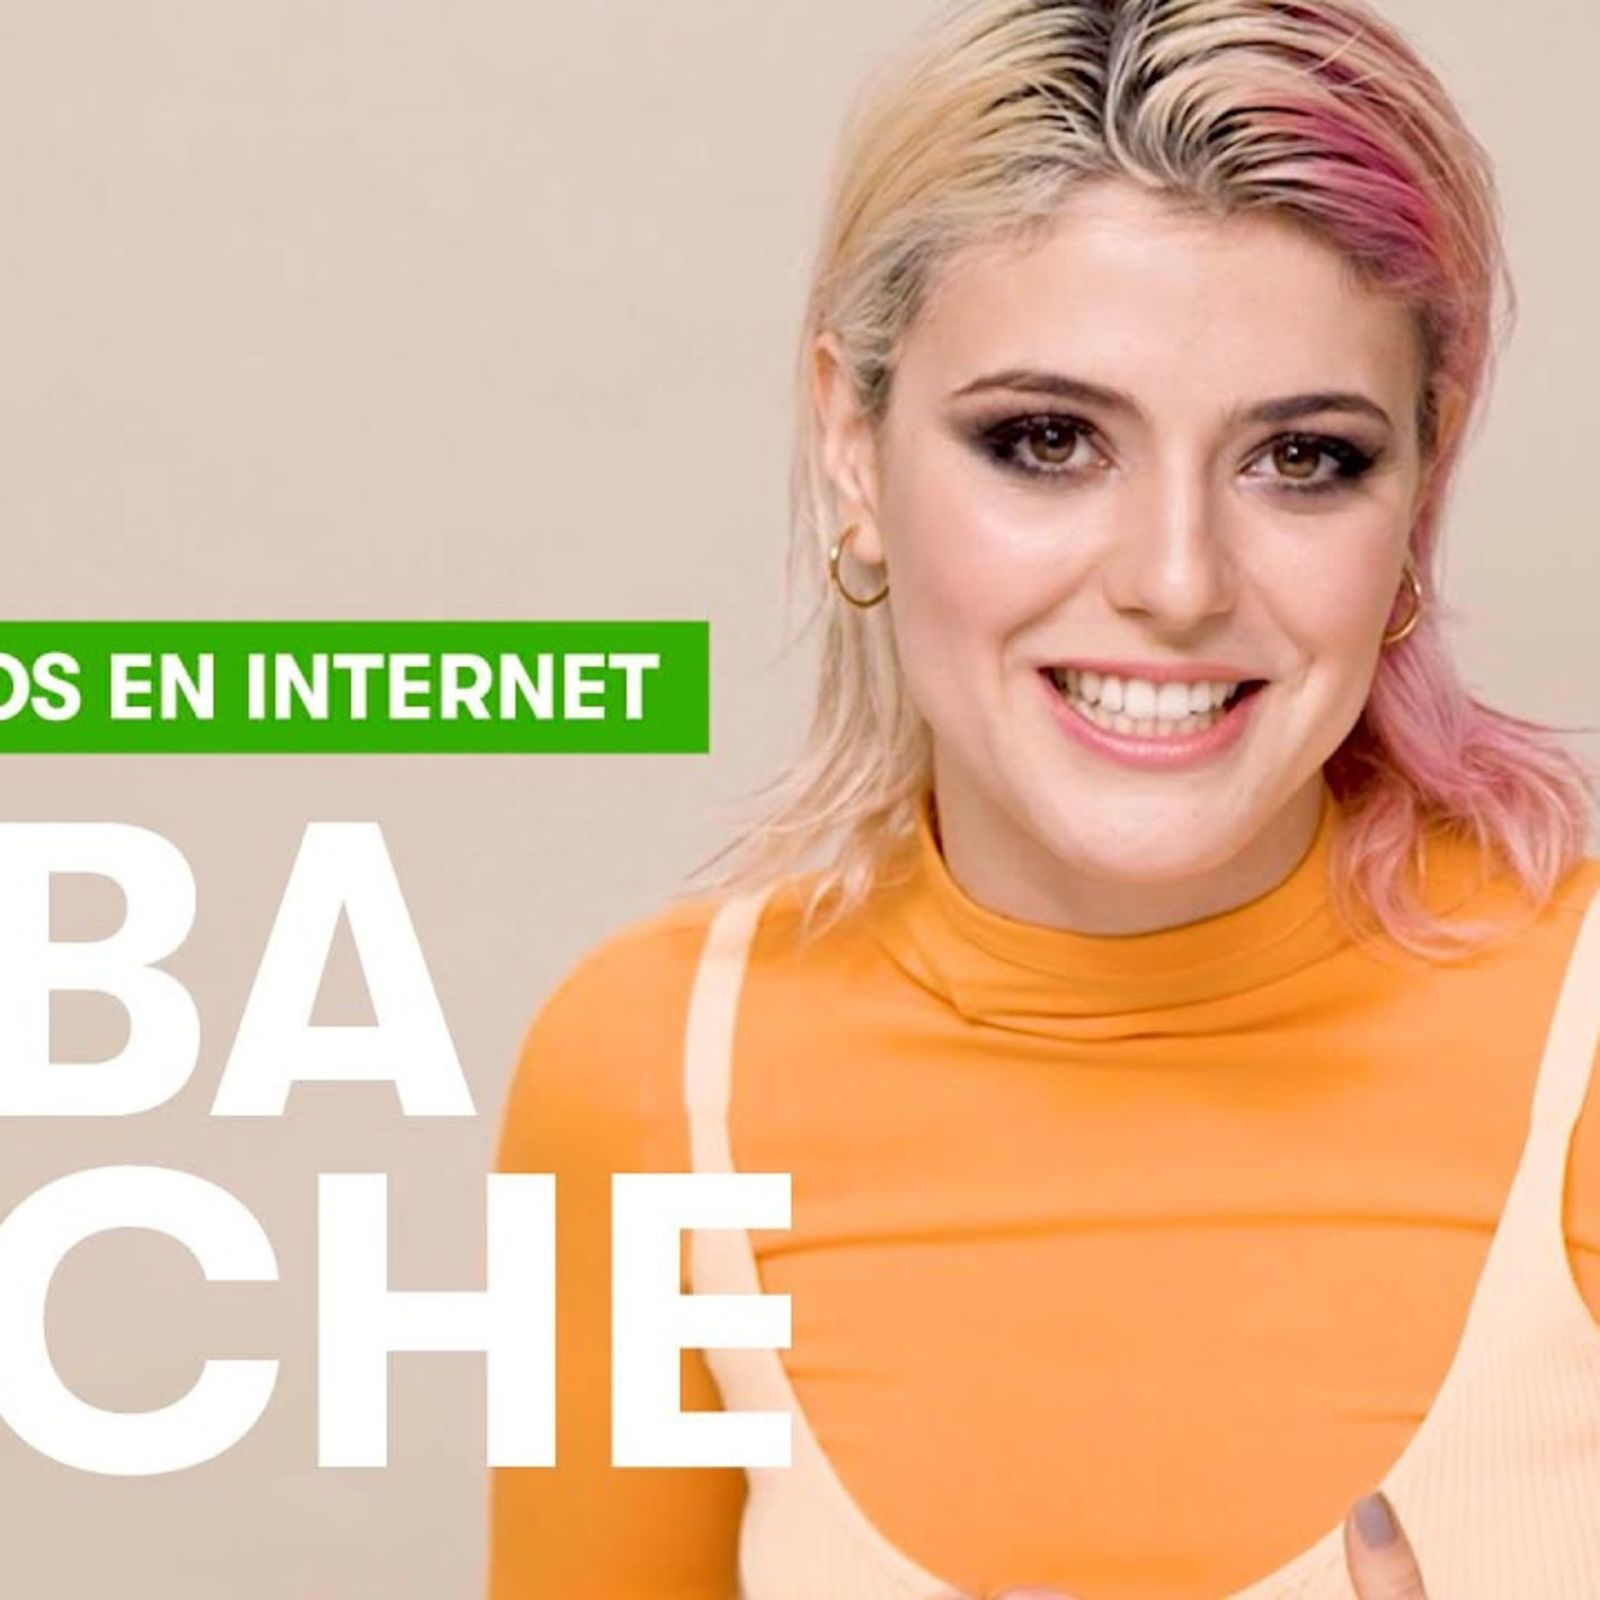 Toda la verdad sobre Alba Reche | Infiltrados en Internet